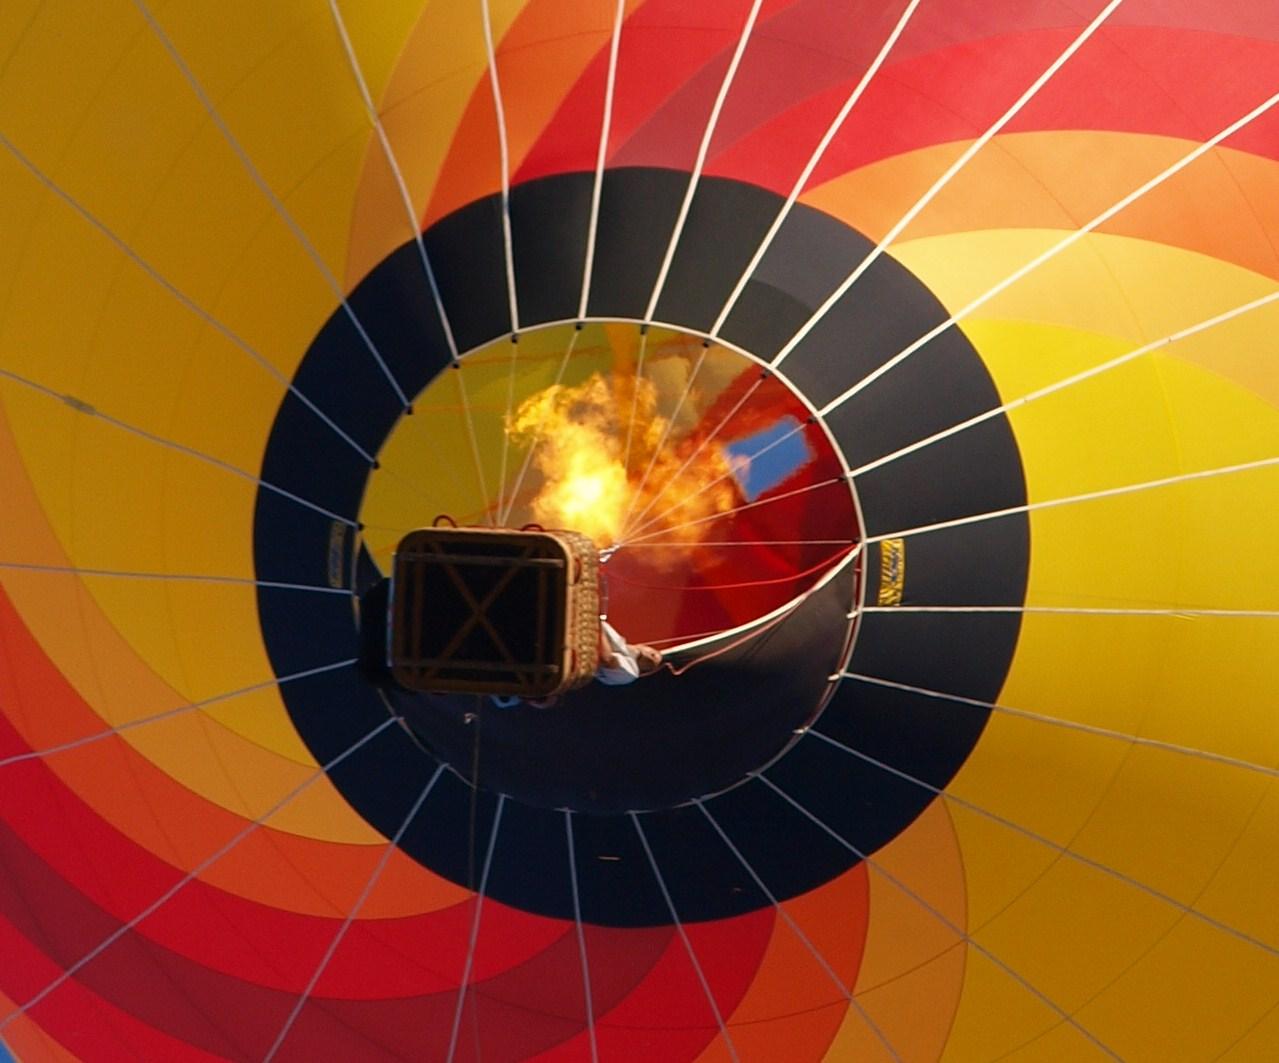 fuego en globo